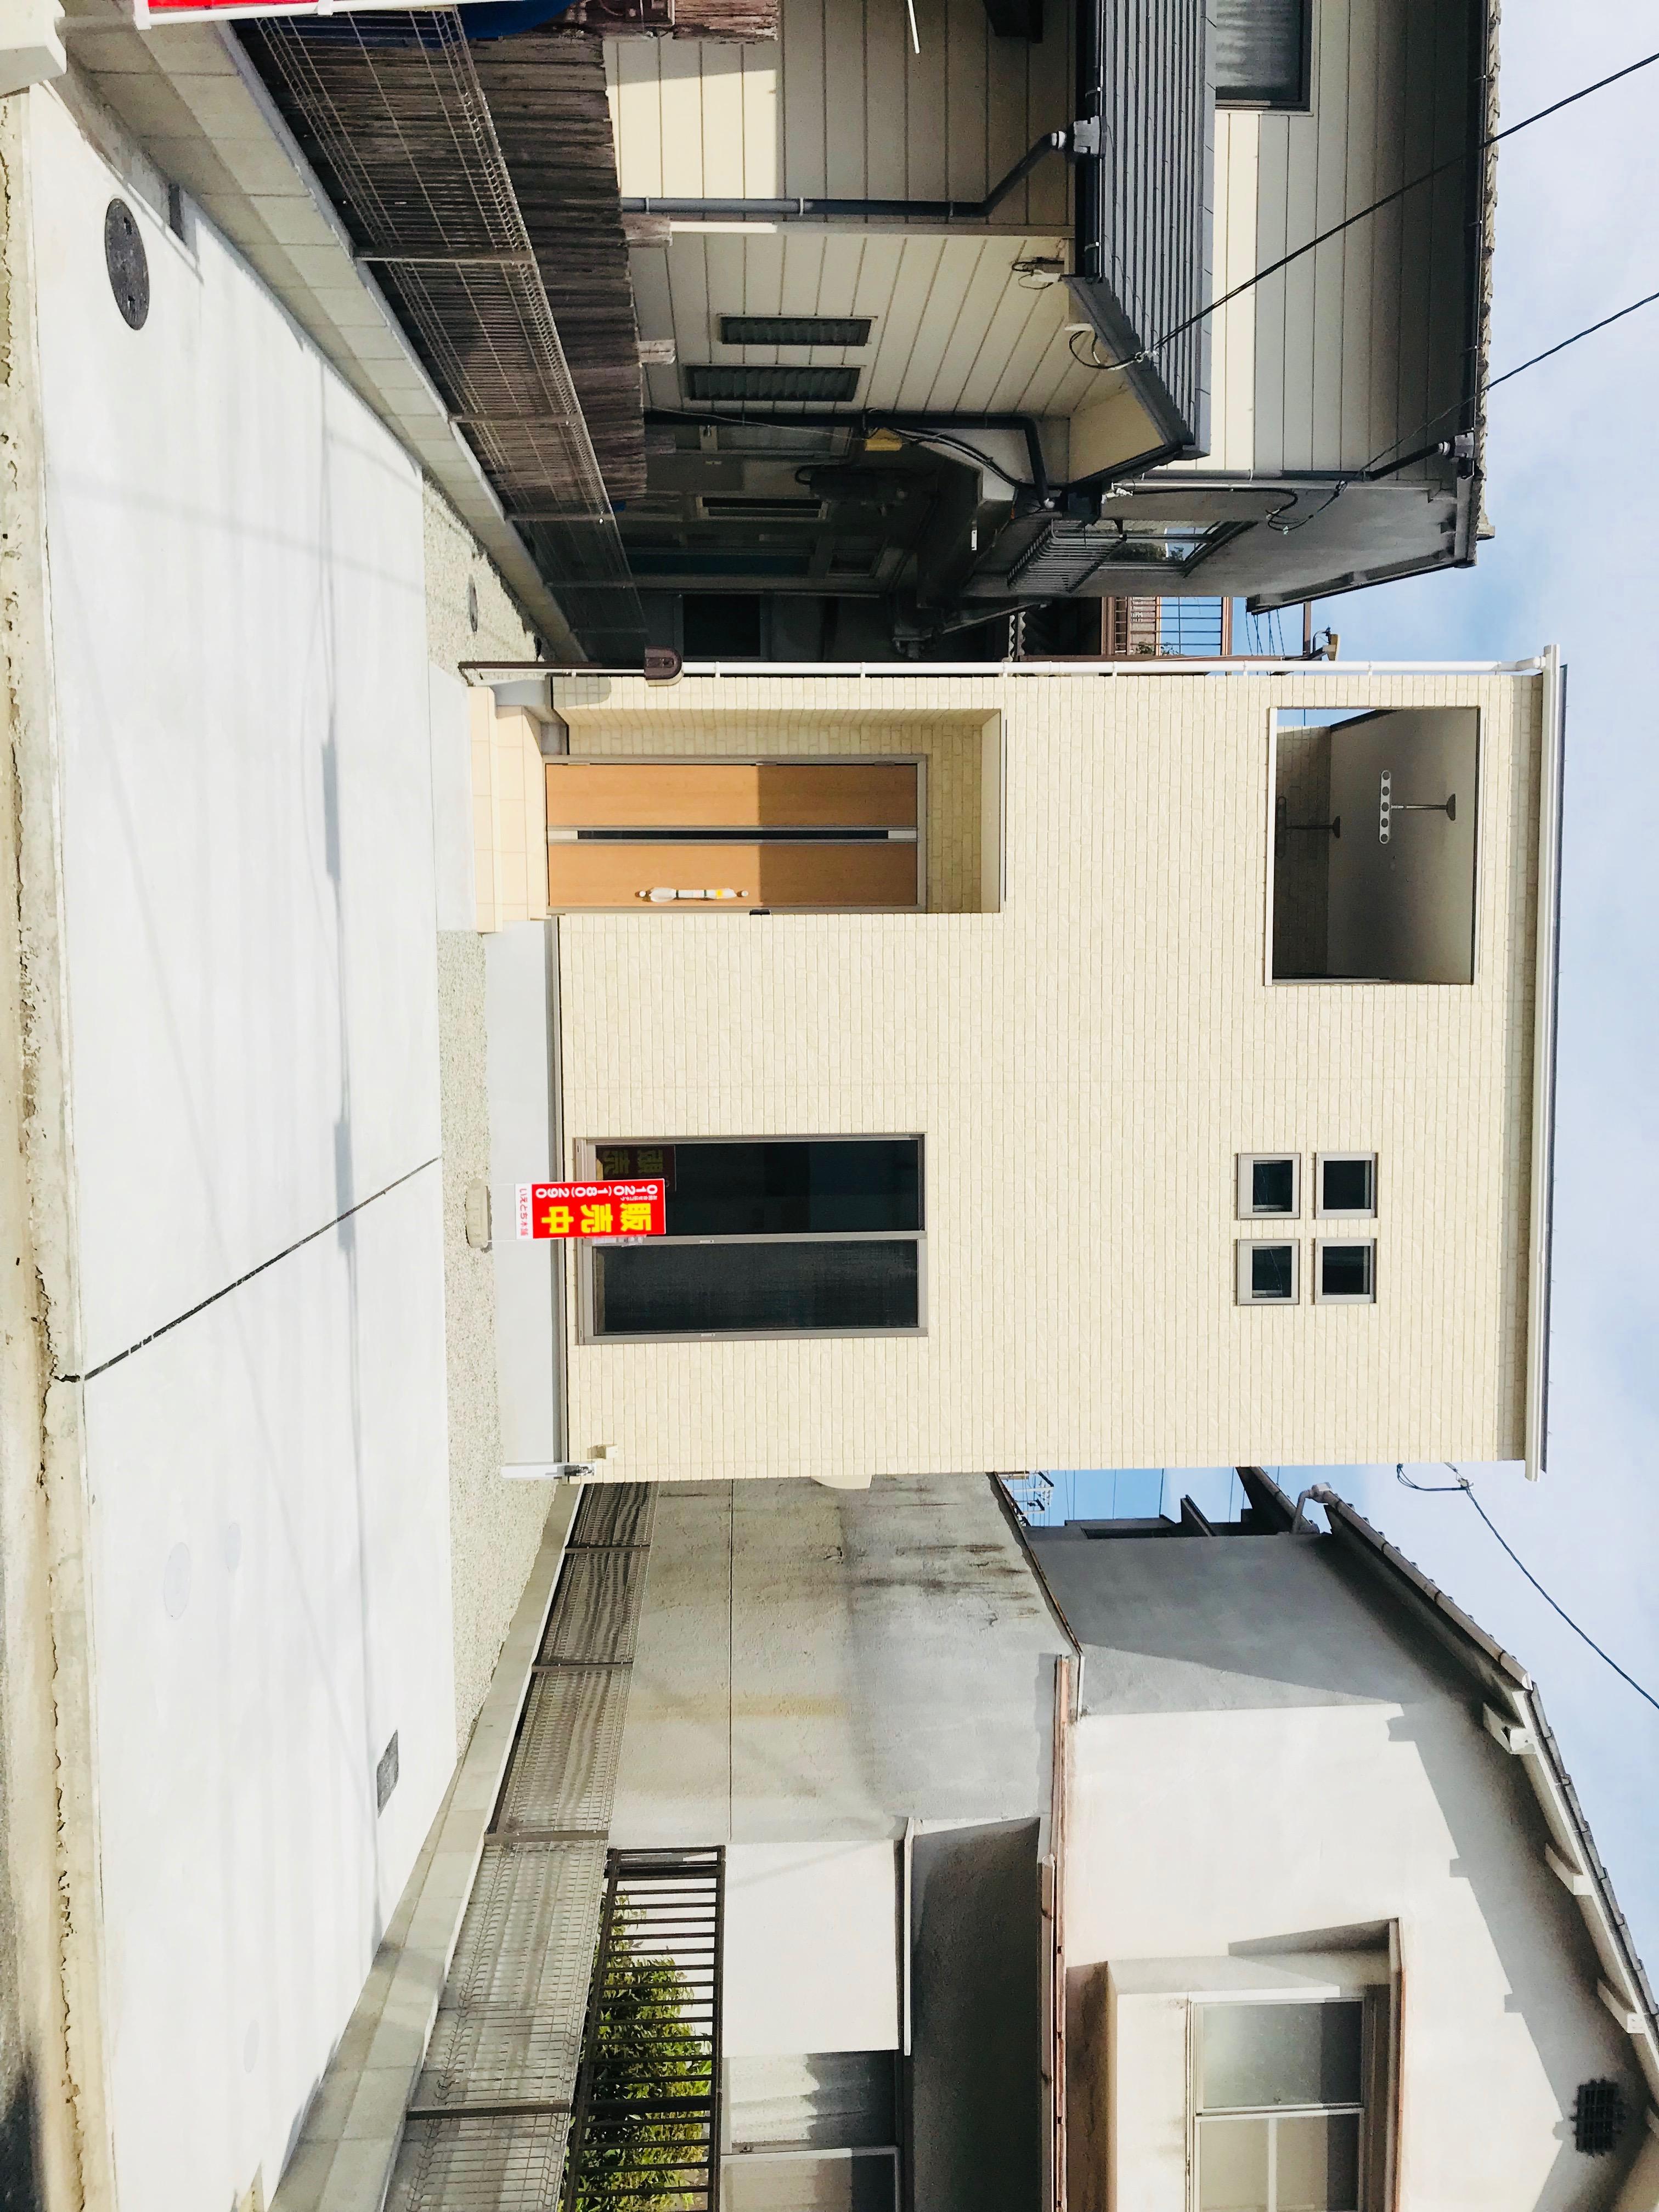 【内覧可能♪】高松市西宝町 新築 3LDK ☆JR高徳線 昭和町 徒歩7分☆